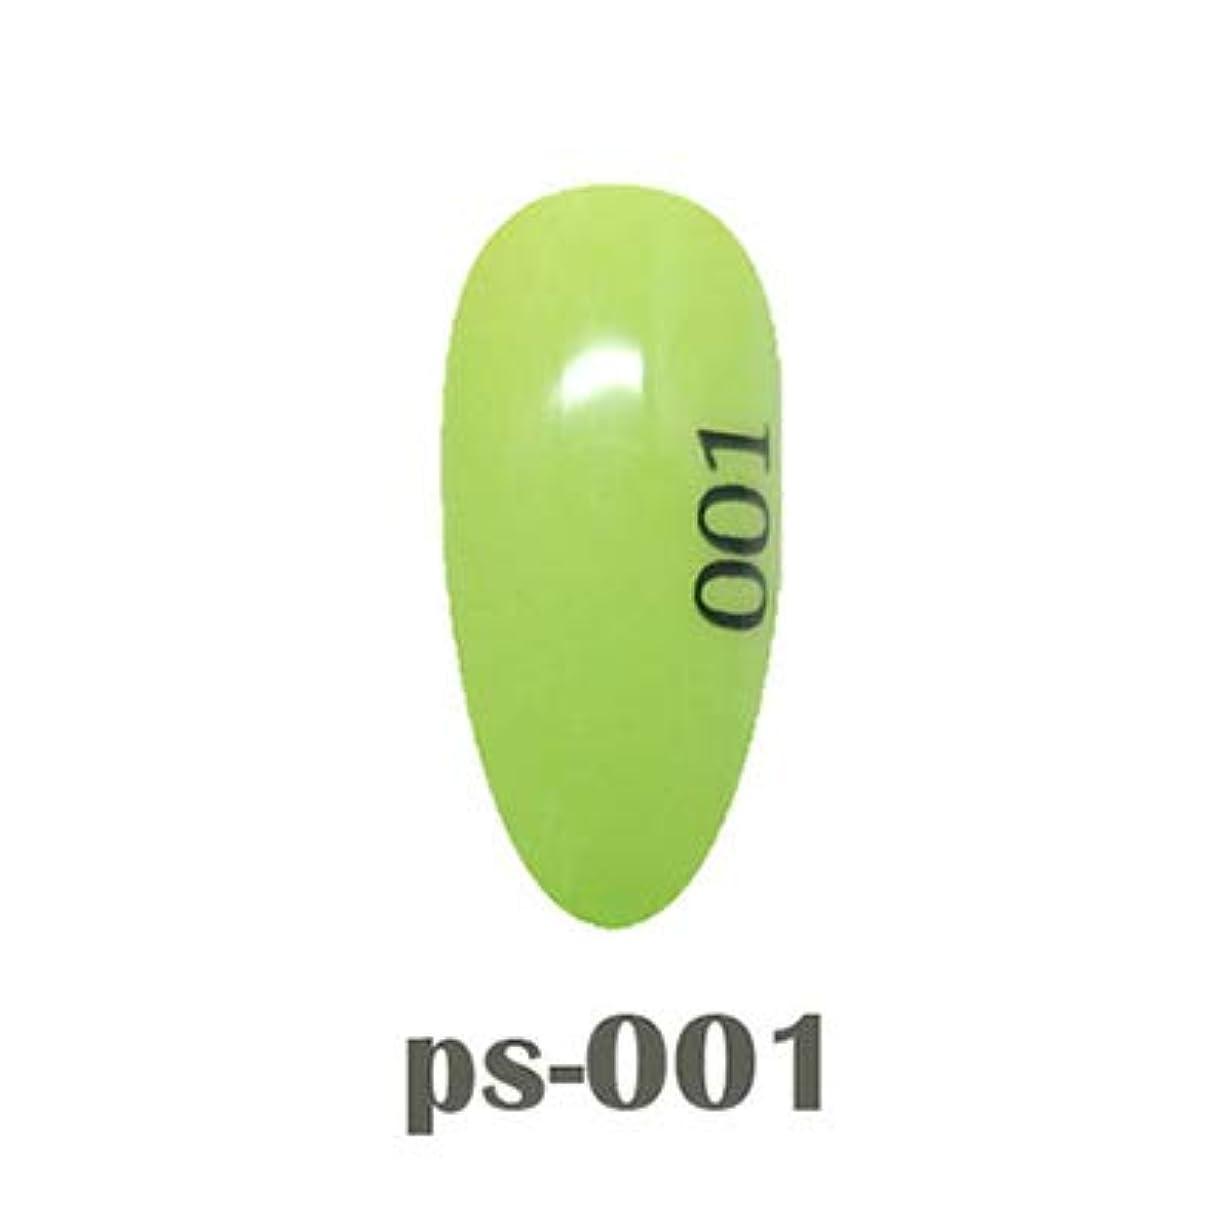 確保するますますスリッパアイスジェル カラージェル ポイントパステルシリーズ PP-001 3g